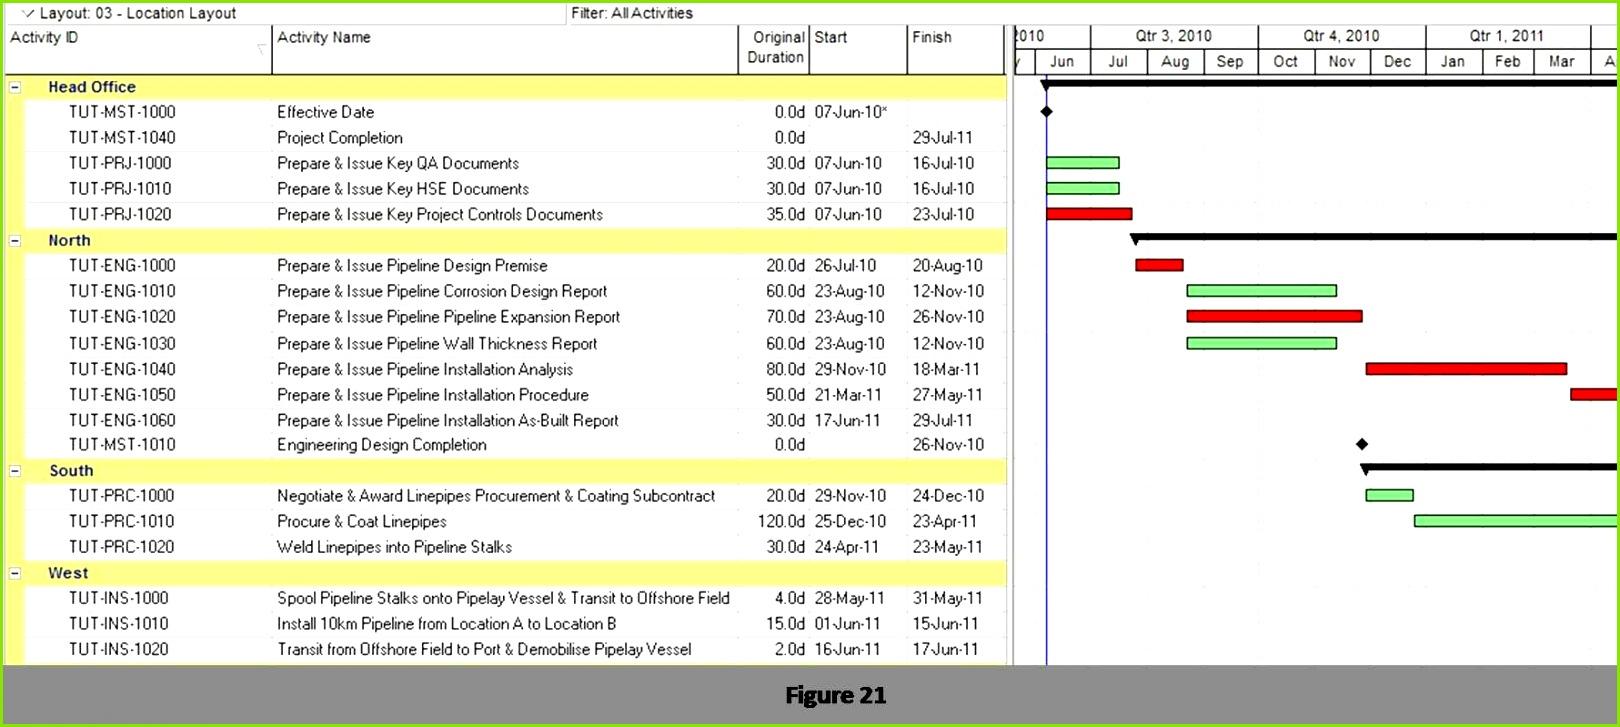 Geschenkgutschein Vorlage Kalkulation Gastronomie Excel Fotografie 57 Schön Sammlung Kalkulation Gastronomie Excel